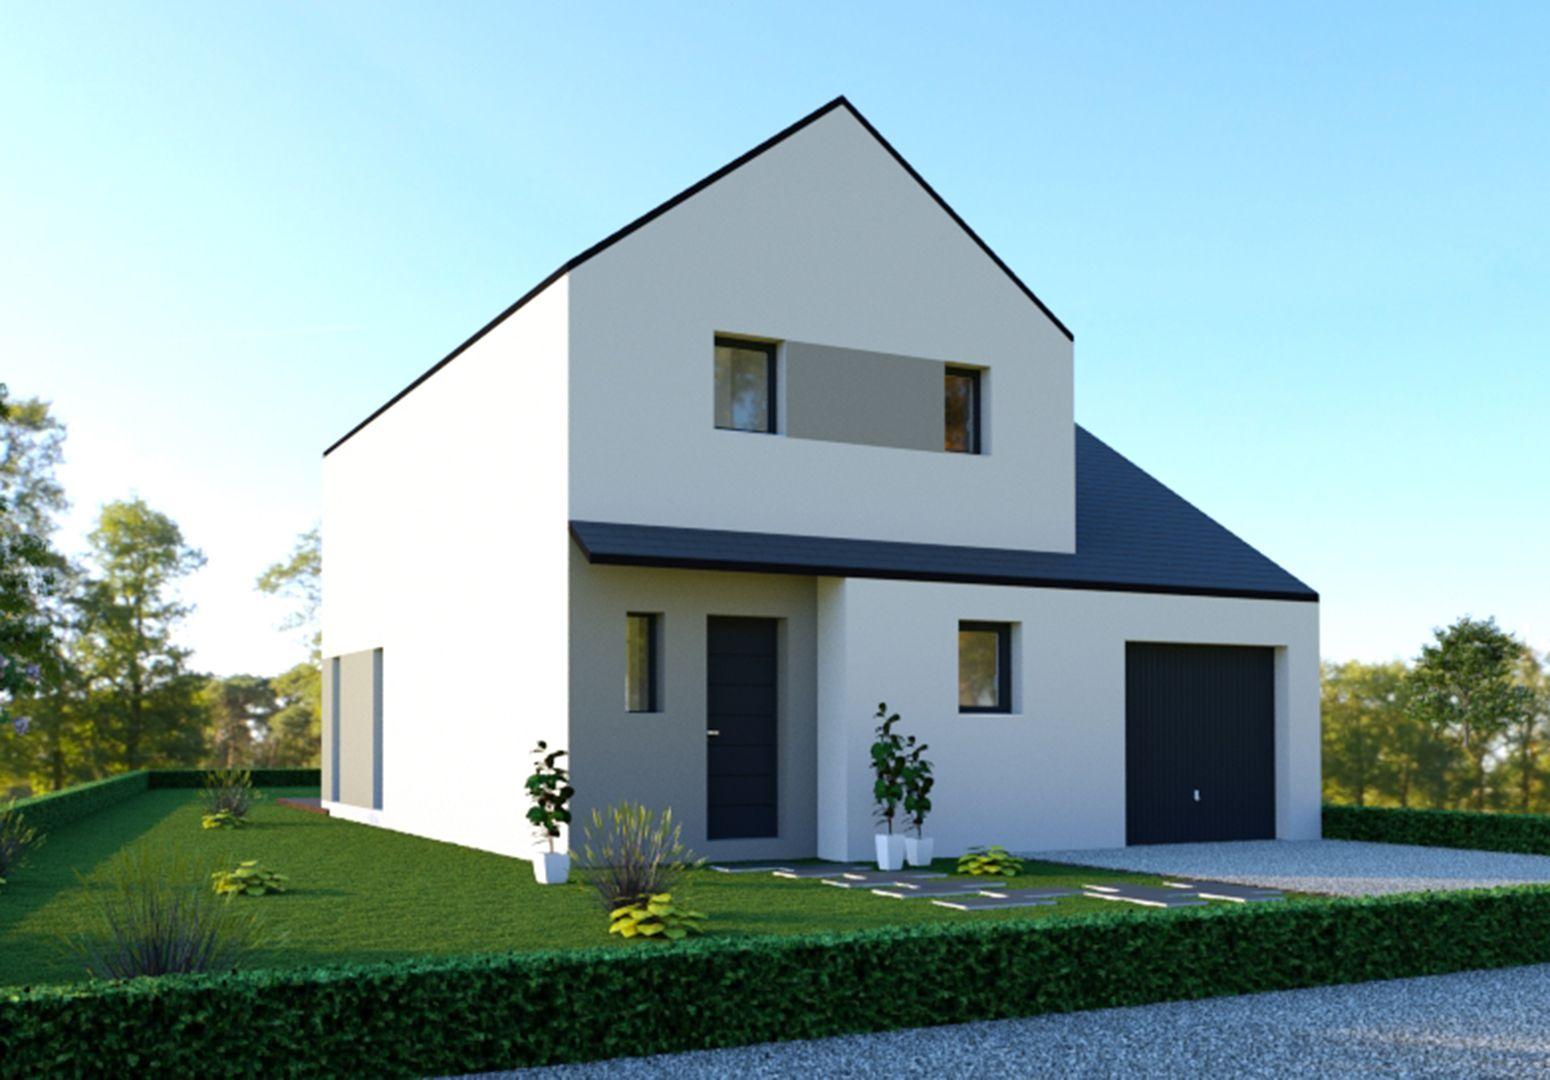 Constructeur Maison Neuve Ille Et Vilaine maison perros-guirec 3ch 100 | nos maisons | constructeur